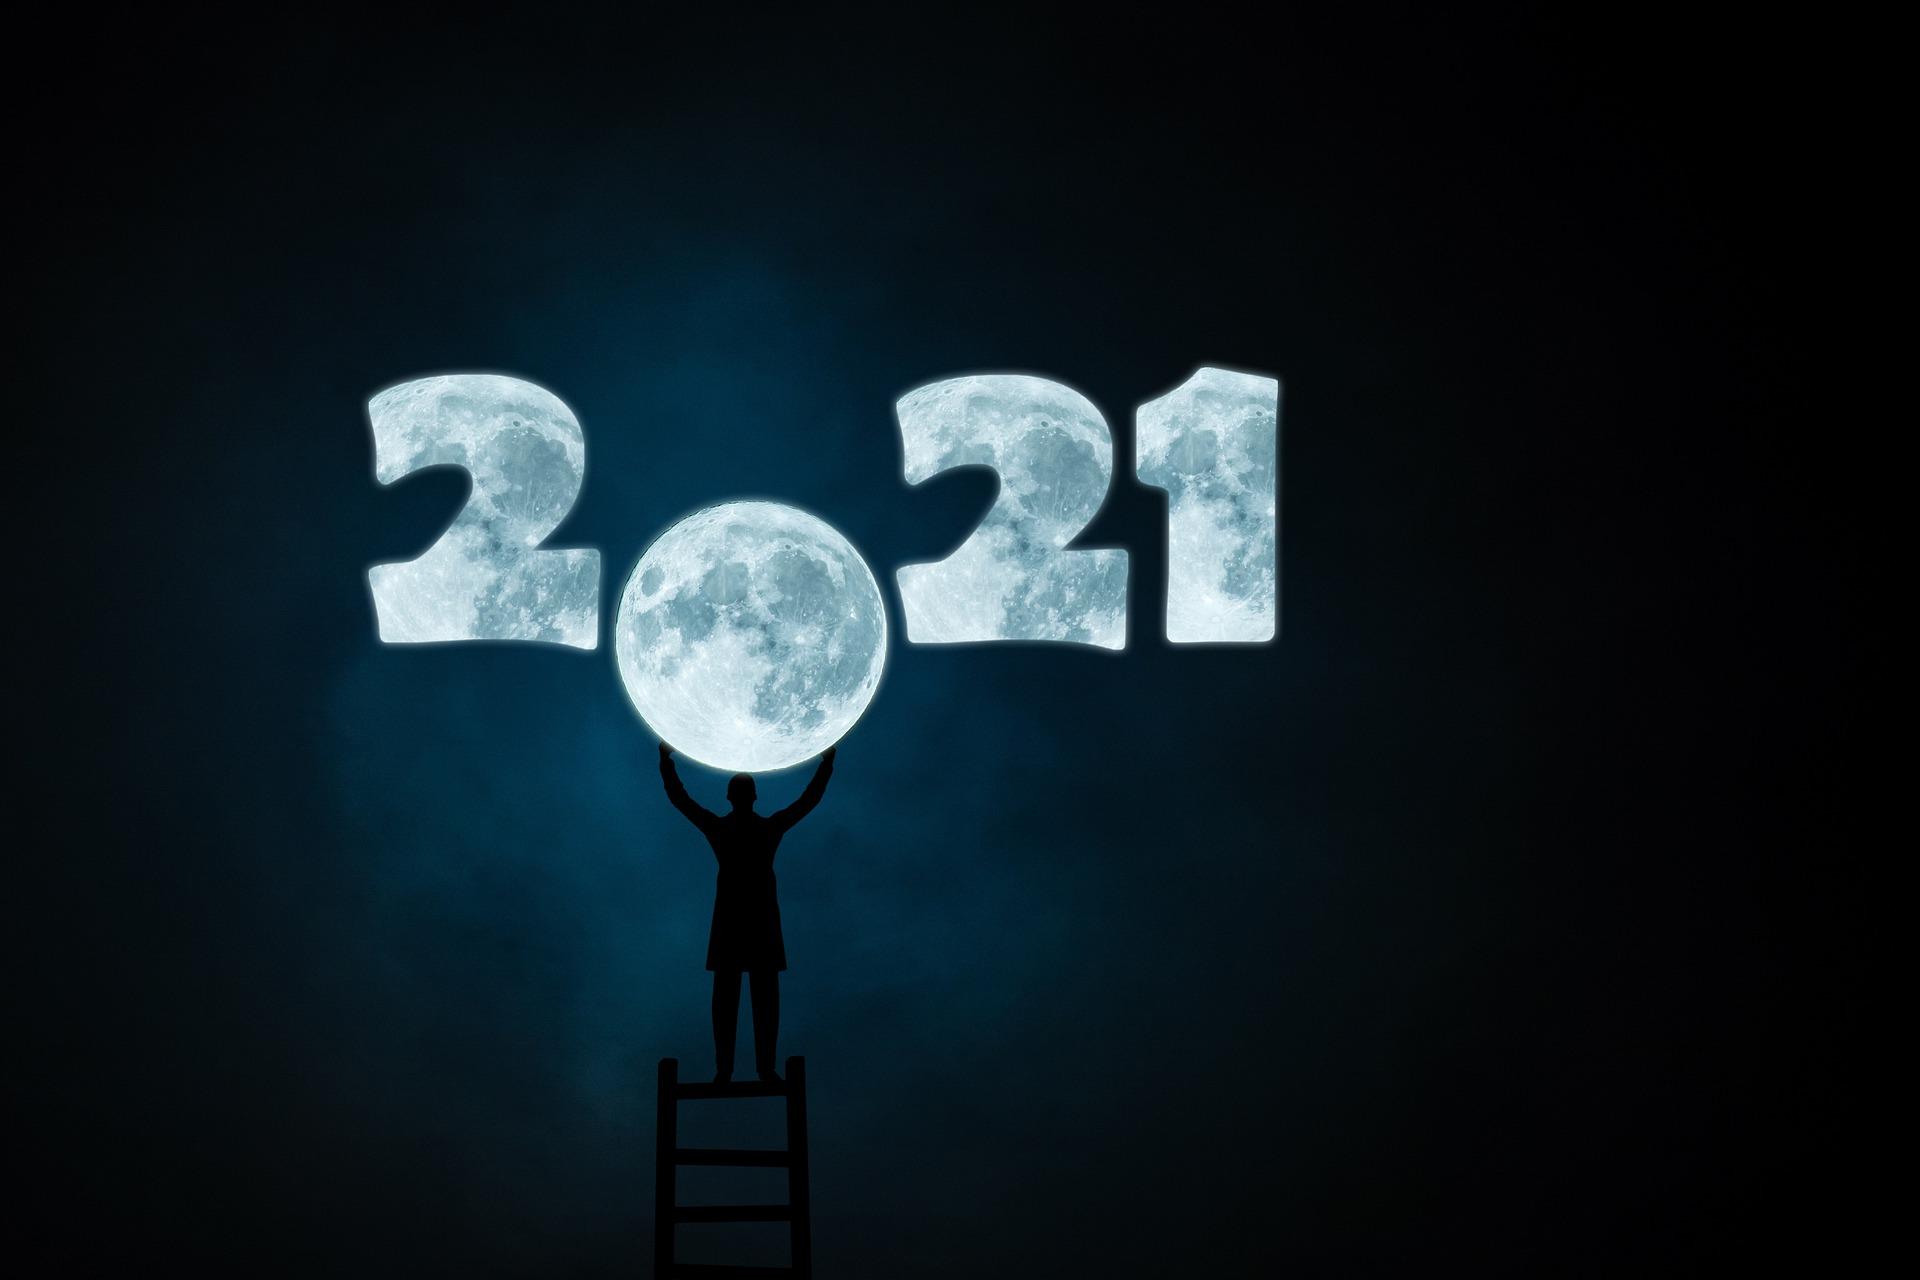 Calendario Delle Giornate Mondiali E Nazionali 2021 Calendario delle Giornate mondiali e nazionali per l'anno 2021